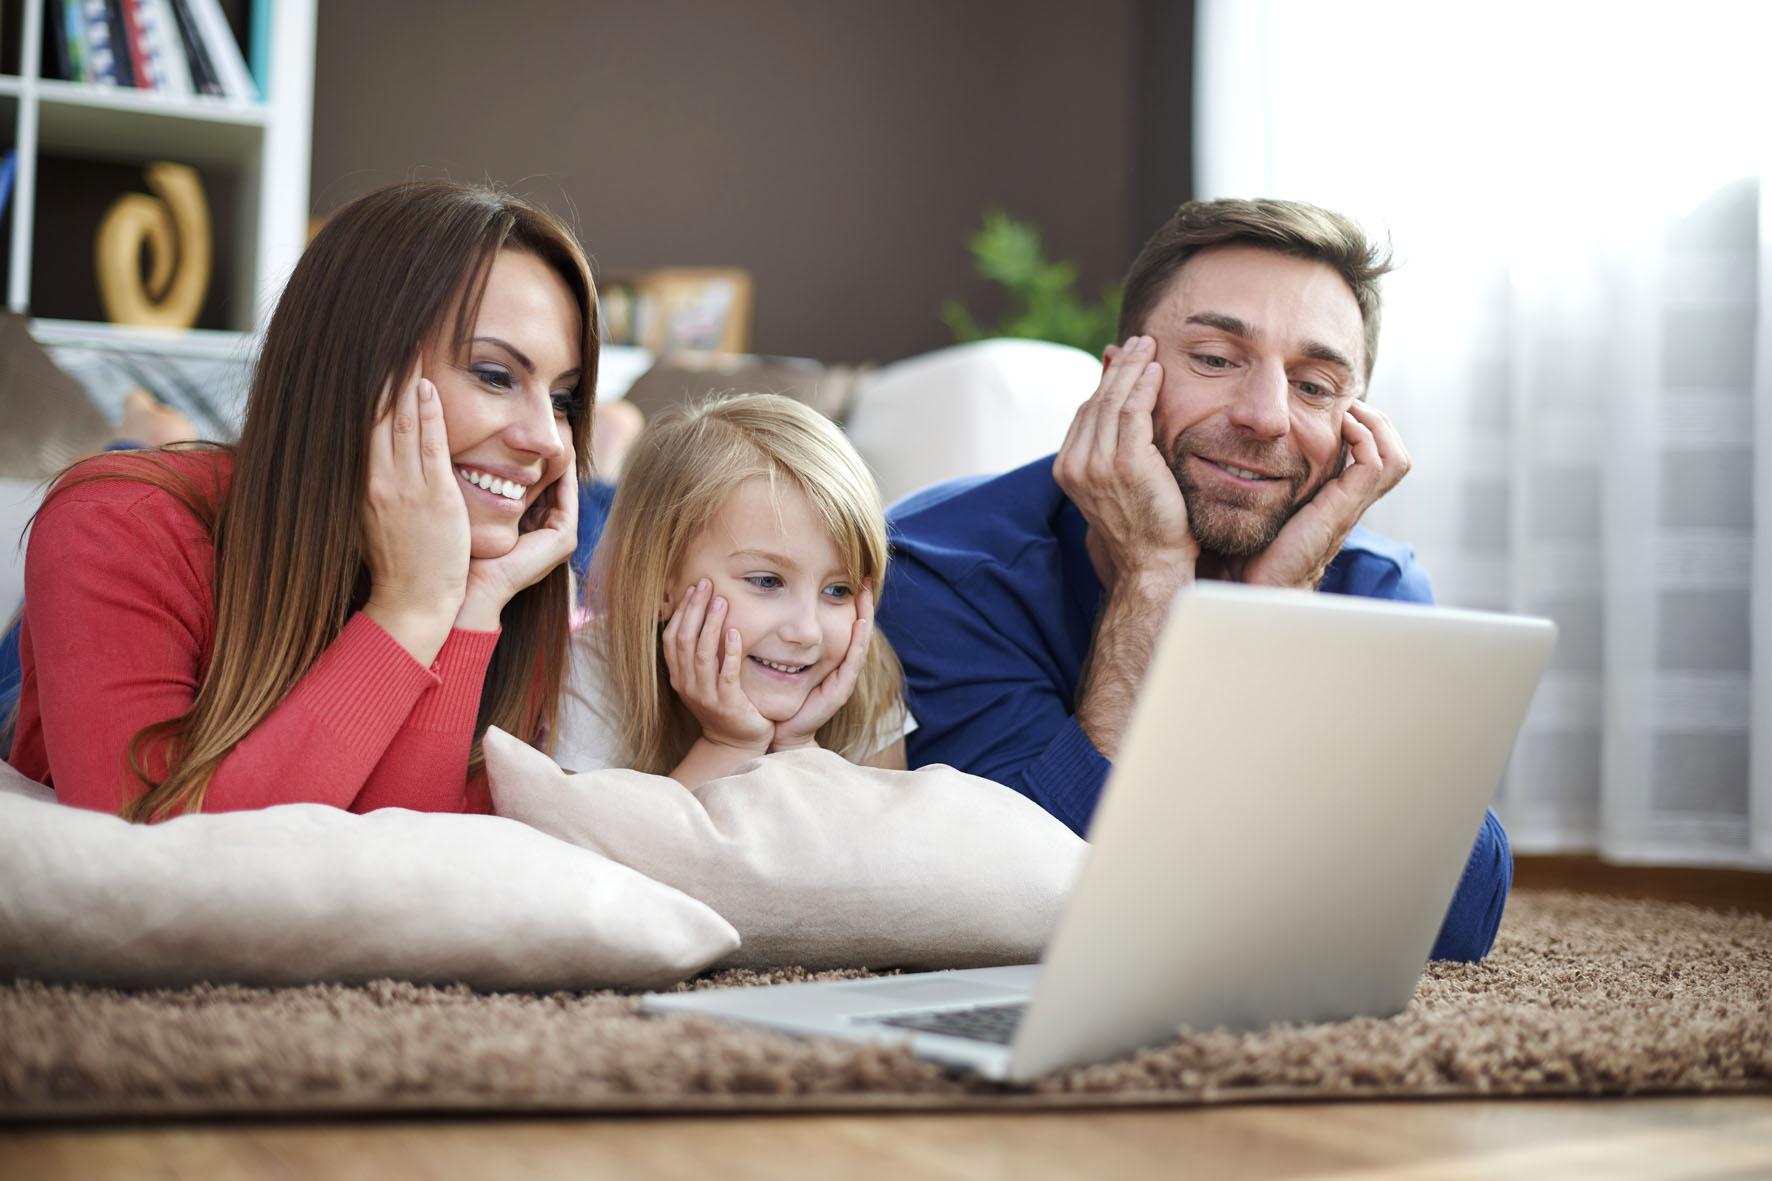 Das Leben spielt sich zunehmend im Internet ab - entsprechend groß sind mittlerweile allerdings auch die Gefahren aus dem Netz.